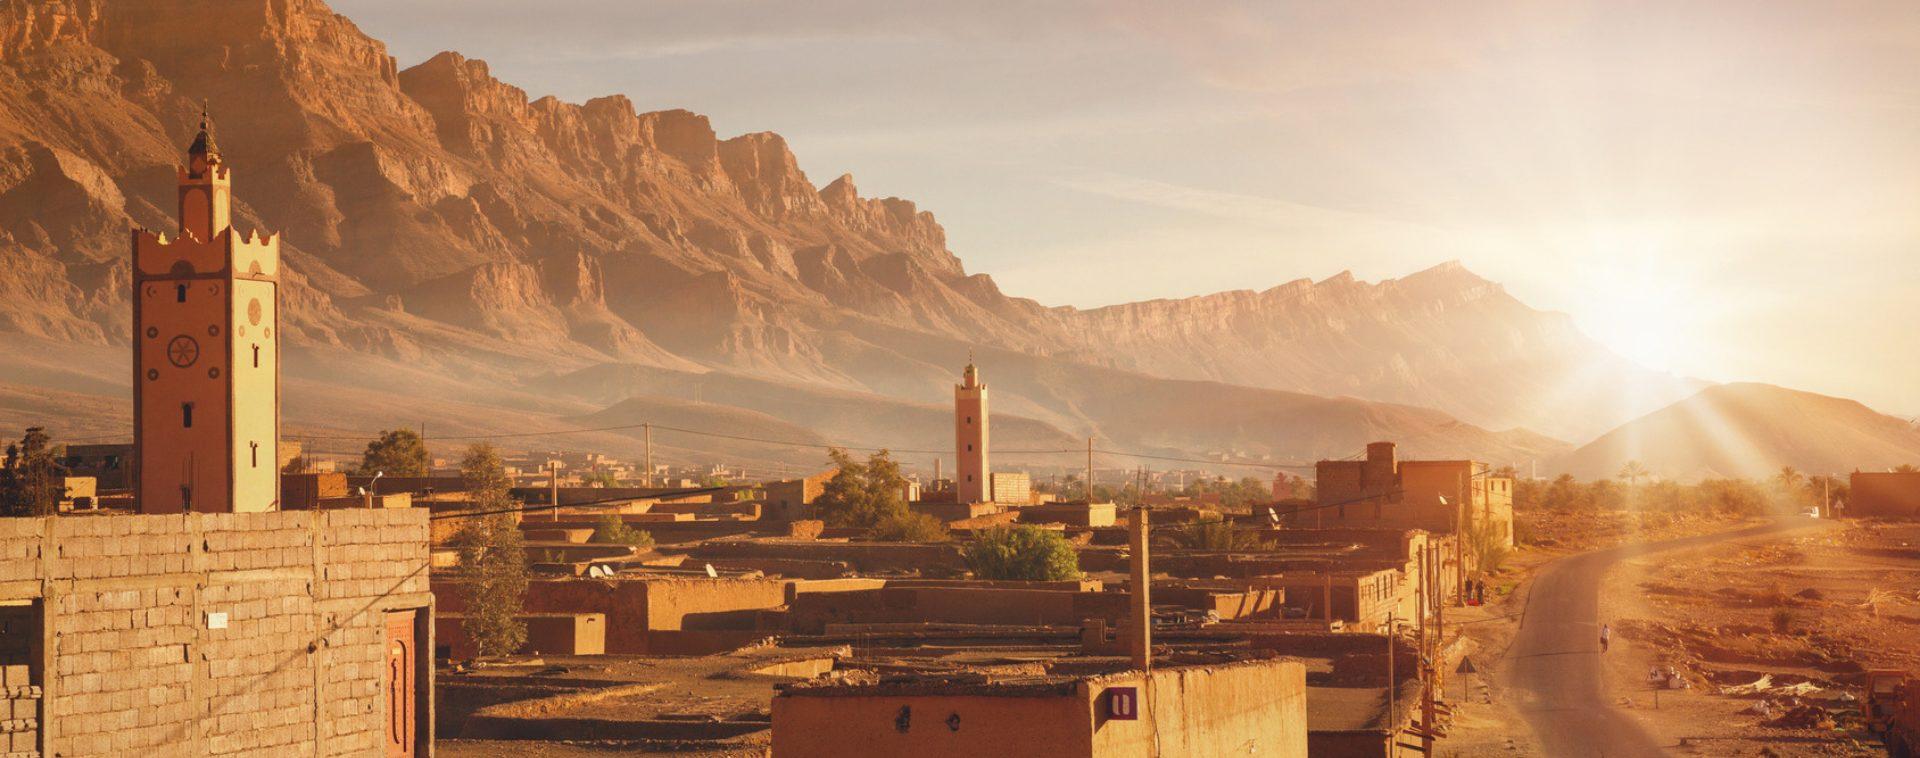 Maroc - Le Jbel Rat – Haut-Atlas marocain - Les matins du monde